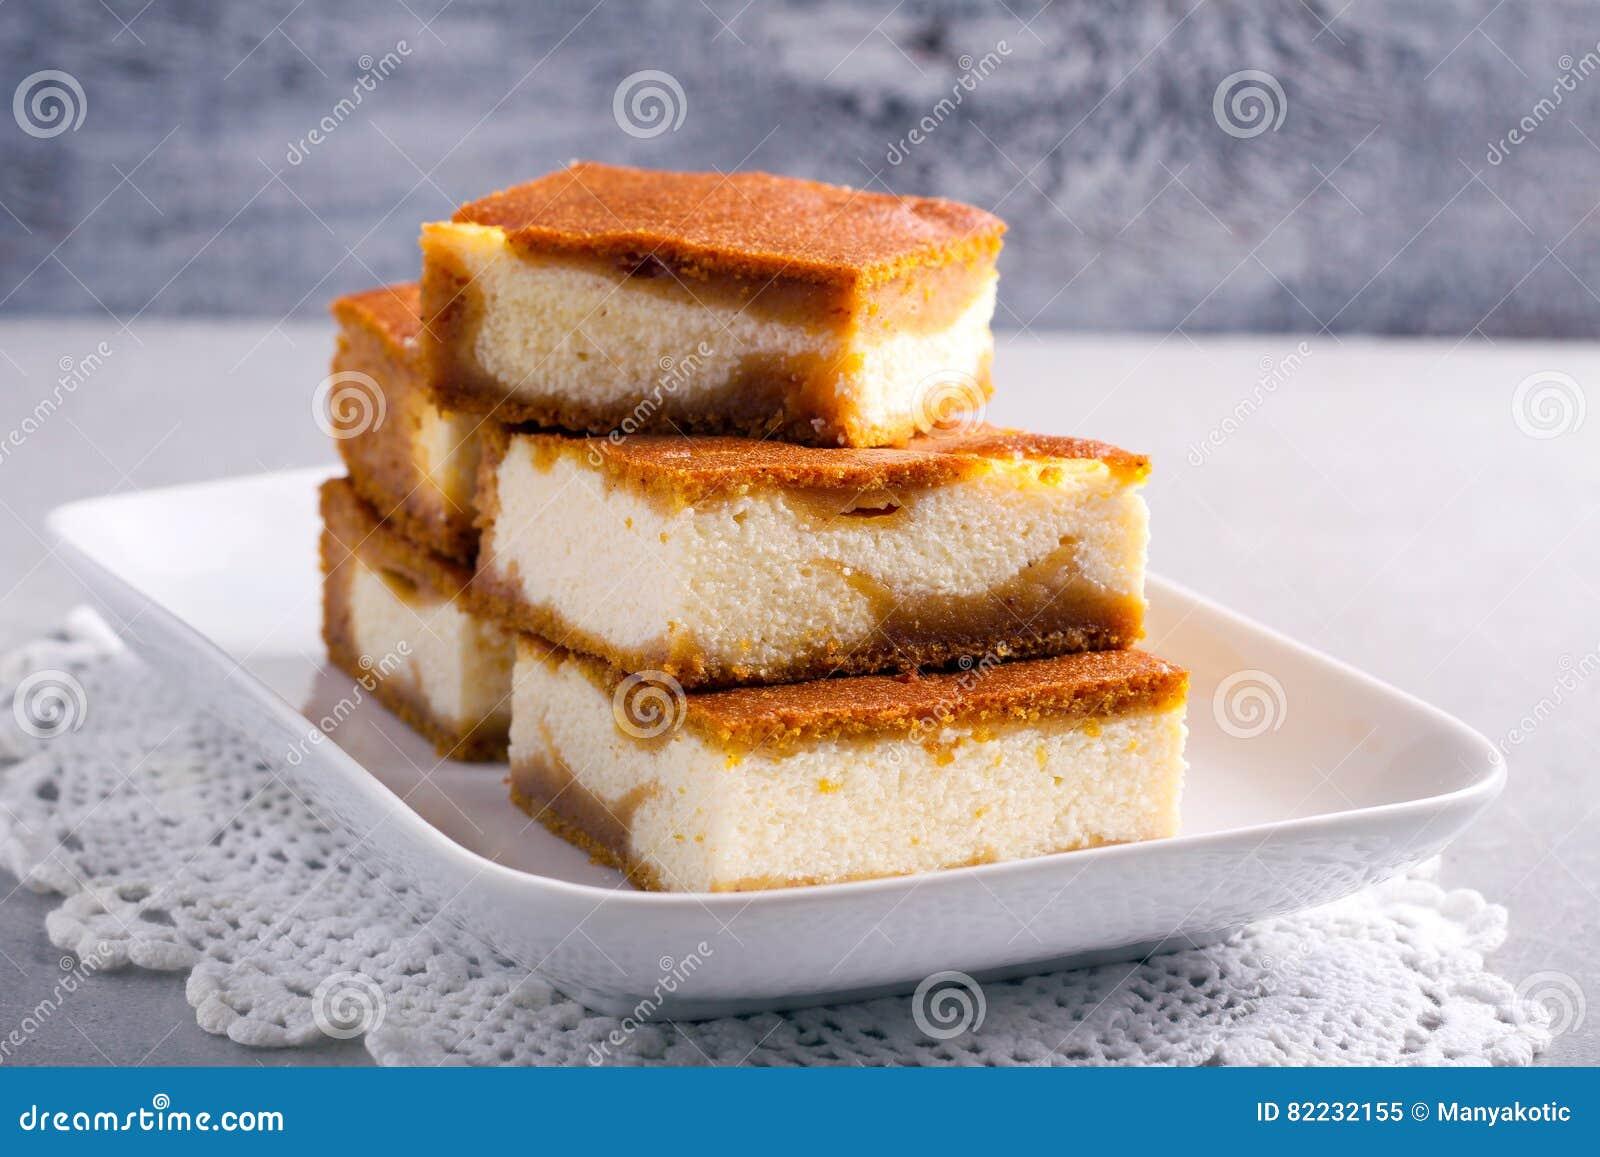 堆南瓜乳酪蛋糕酒吧